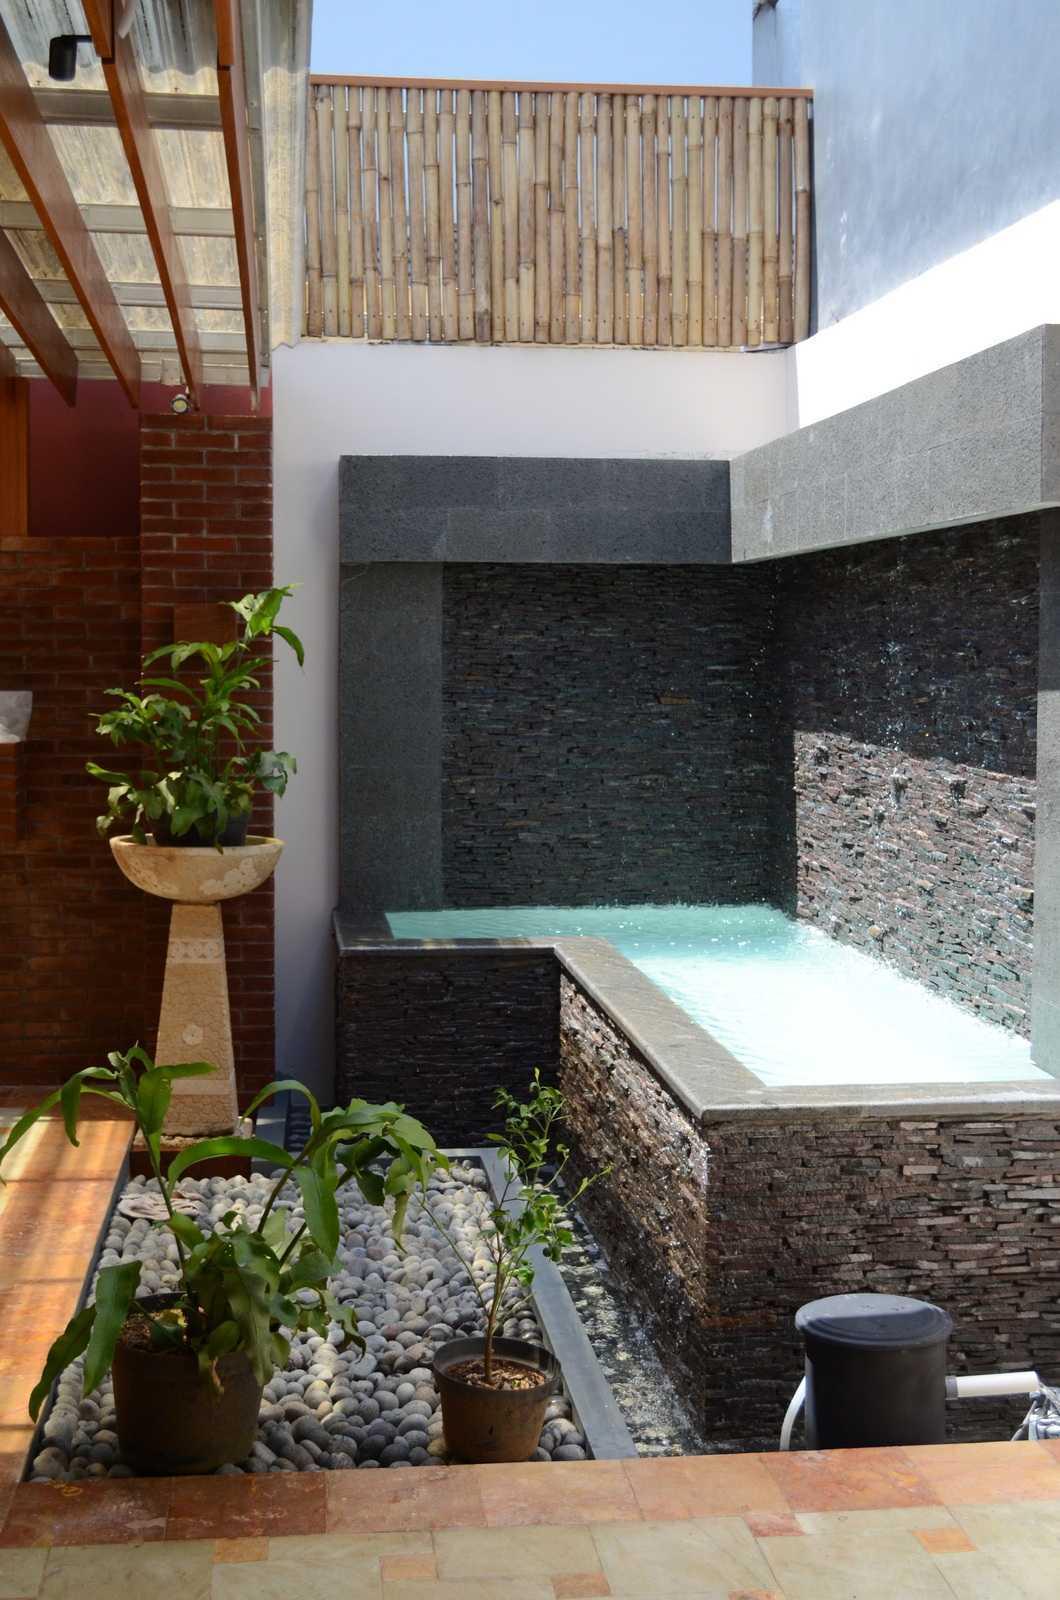 X3M Architects Nittaya A3 12 House Bsd, Tangerang Bsd, Tangerang Dsc0584 Tropis  28201